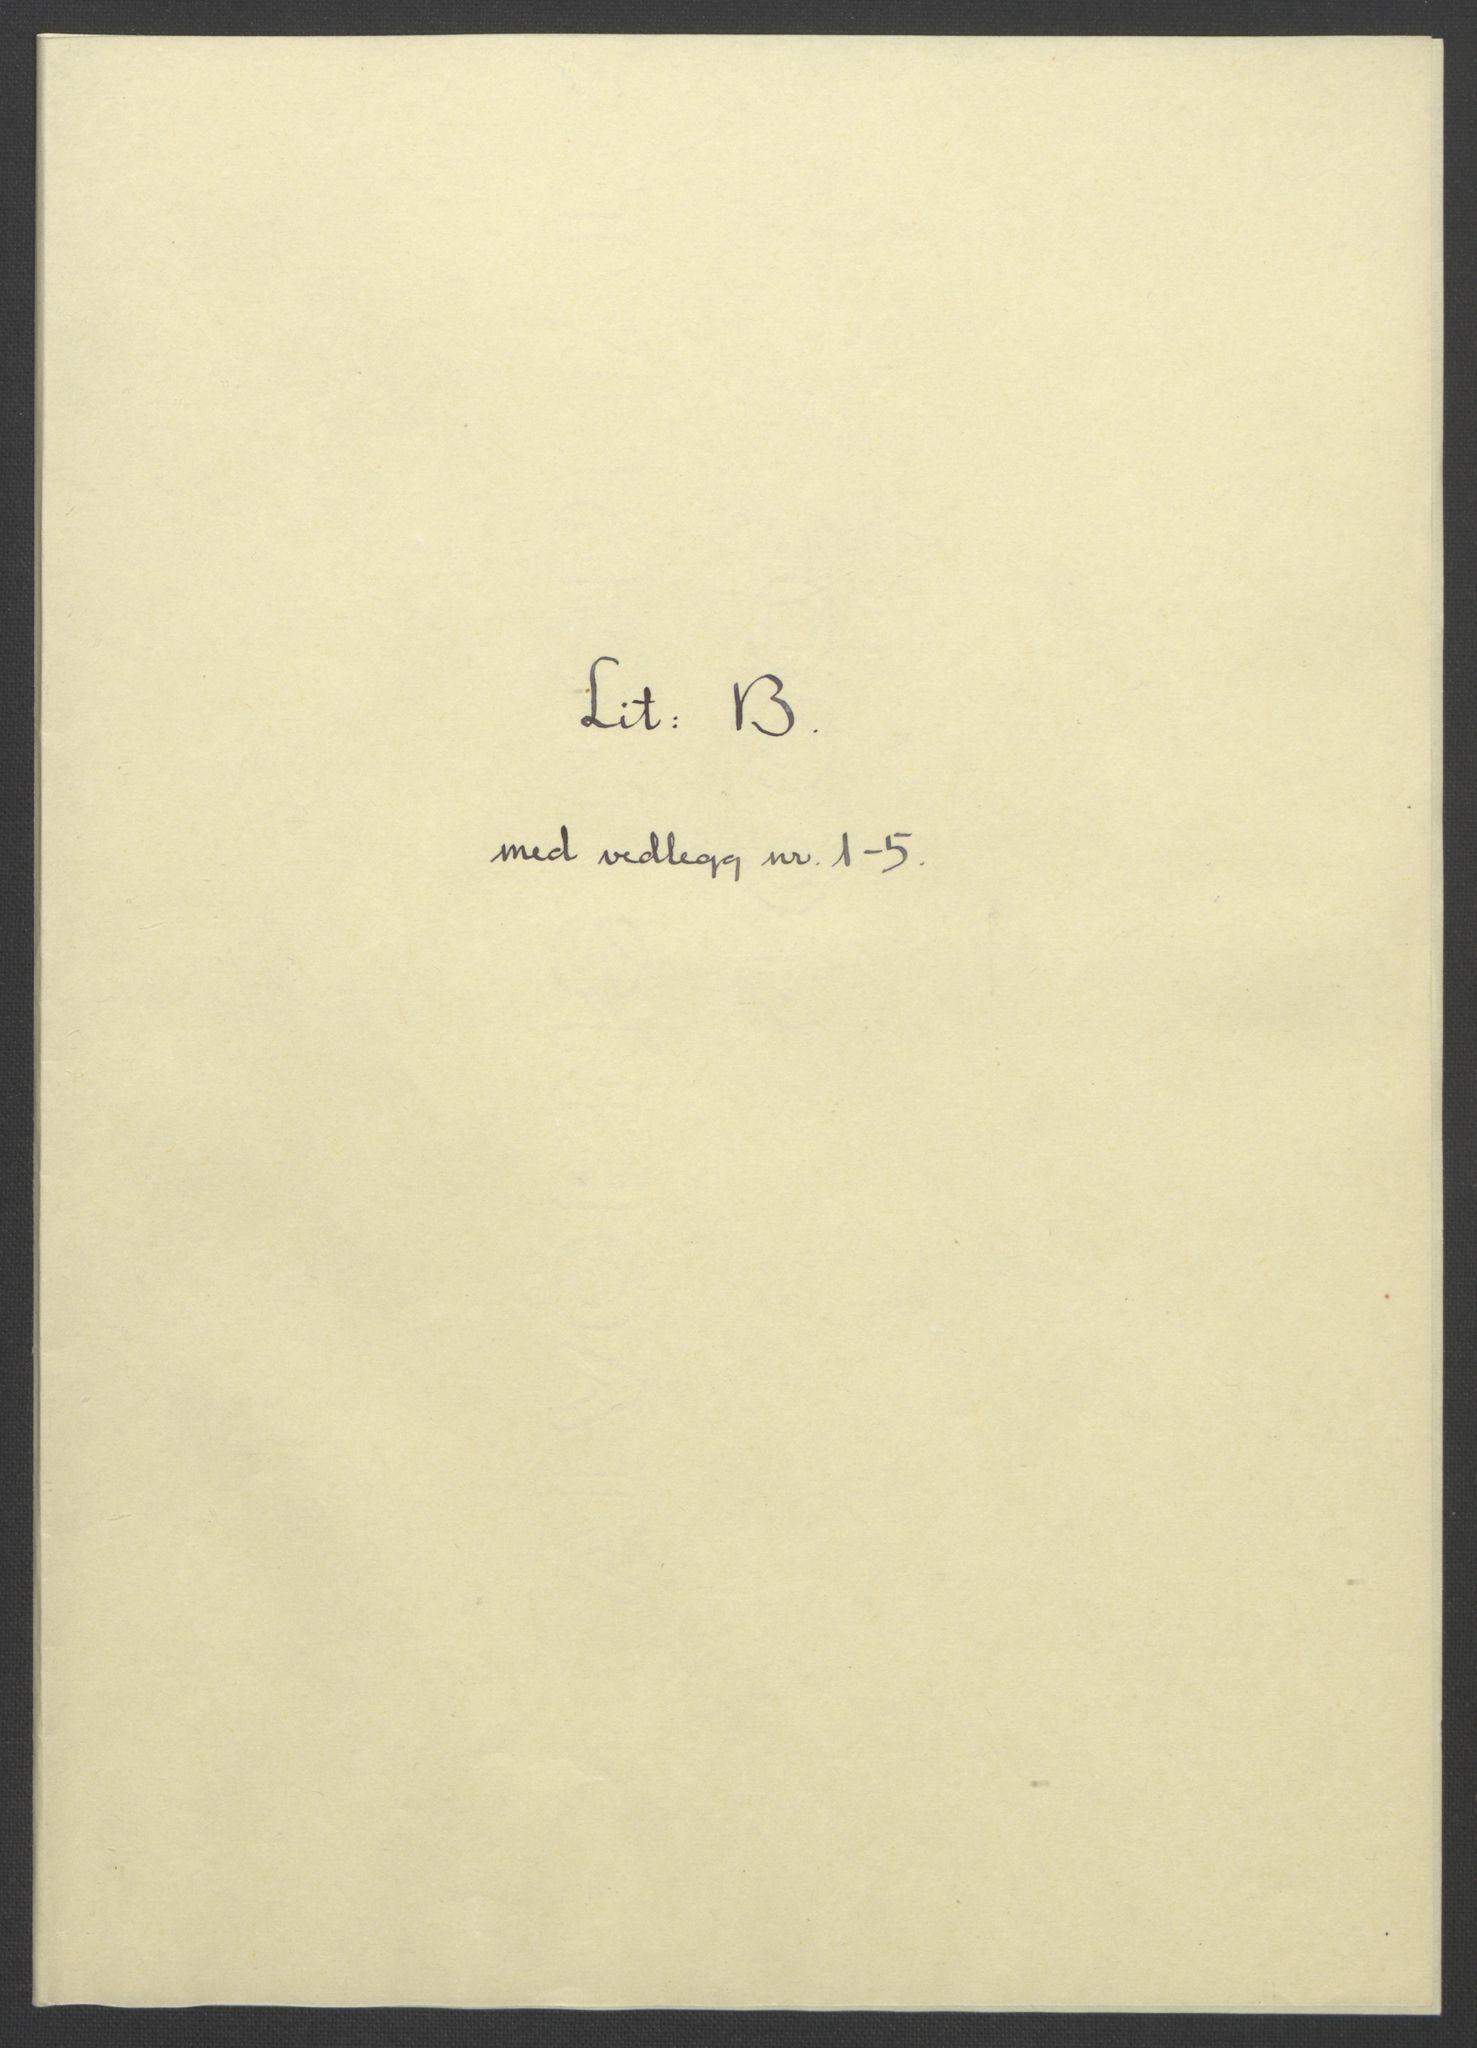 RA, Rentekammeret inntil 1814, Reviderte regnskaper, Fogderegnskap, R53/L3420: Fogderegnskap Sunn- og Nordfjord, 1691-1692, s. 57